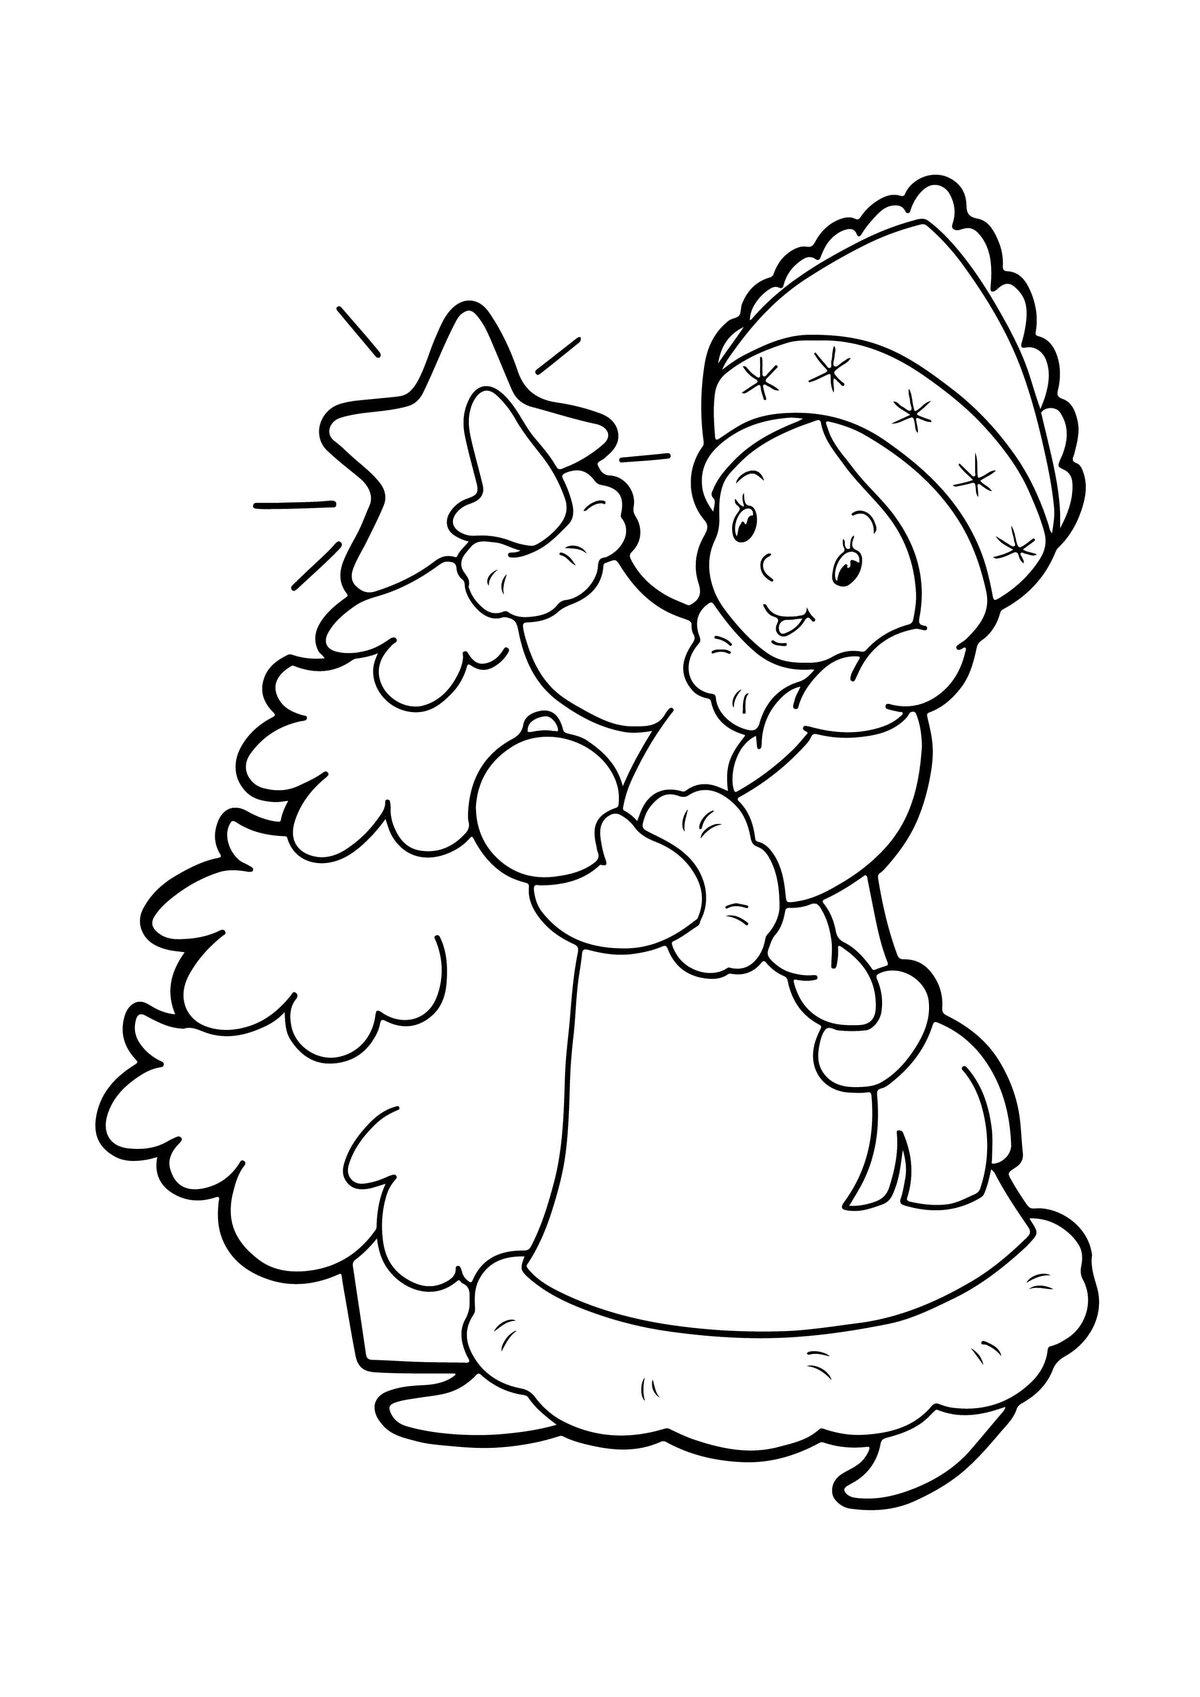 Рисунок на новый год для детей 8 лет, анимация картинка открытки